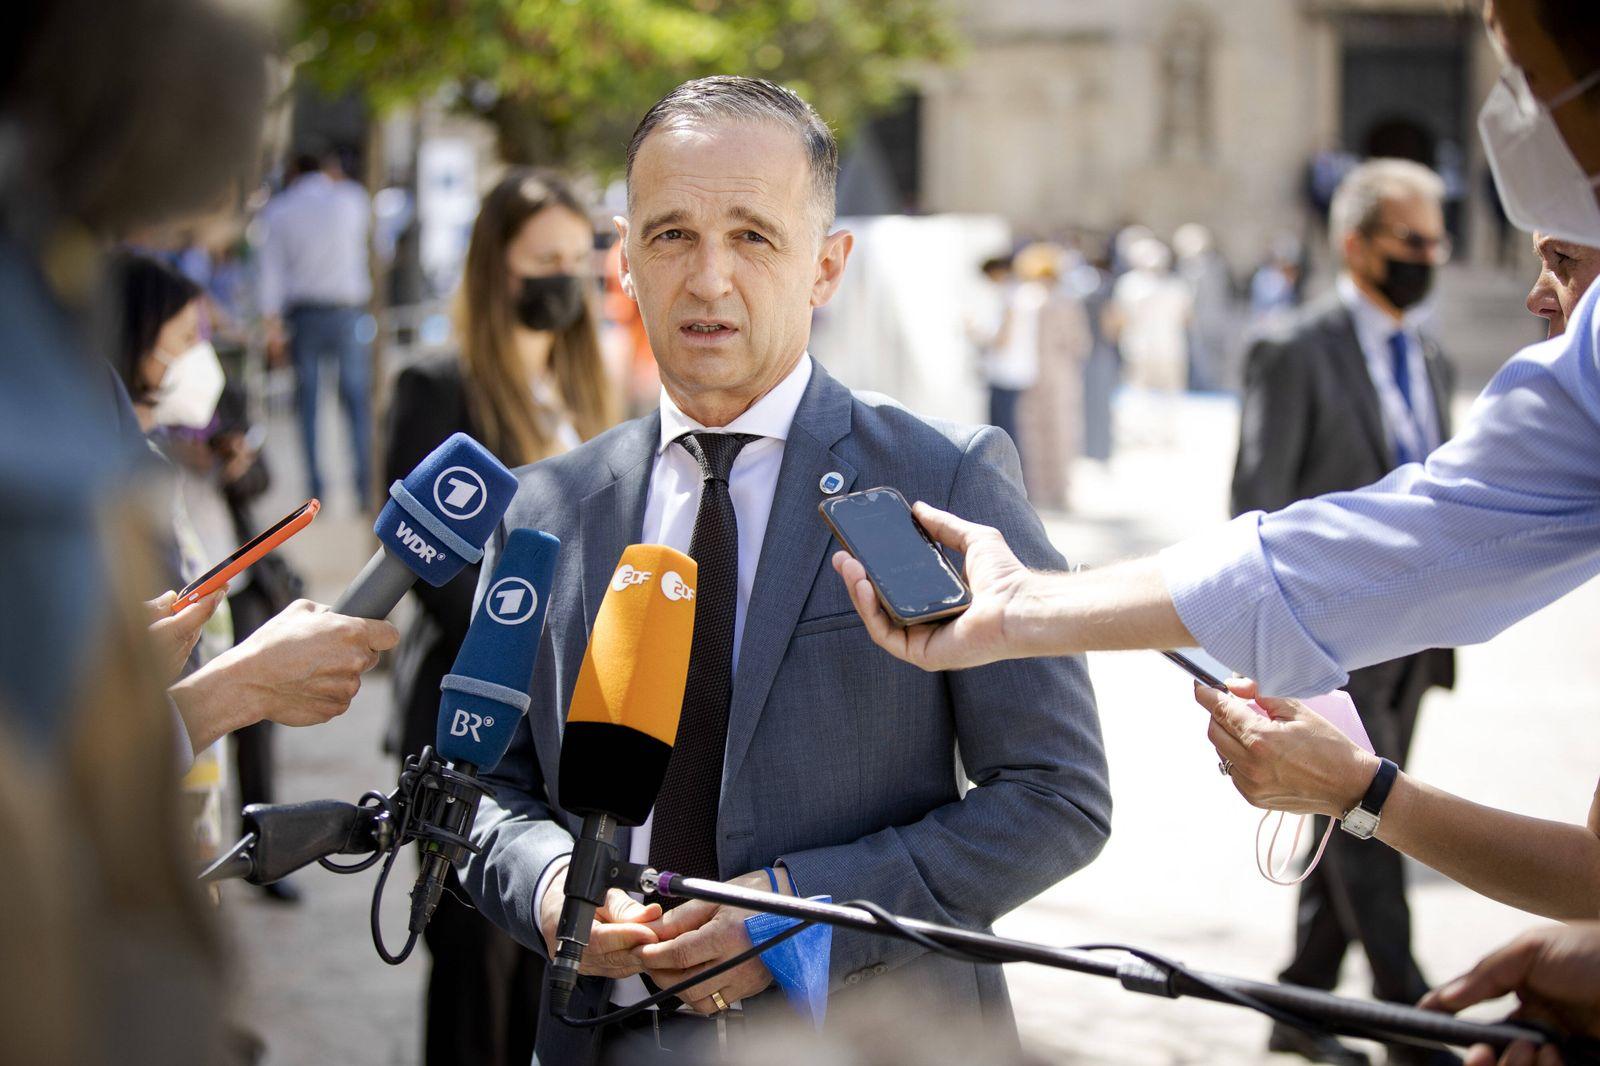 Heiko Maas, Bundesaussenminister, aufgenommen im Rahmen eines Pressestatements vor einer Arbeitssitzung der G20-Aussenm